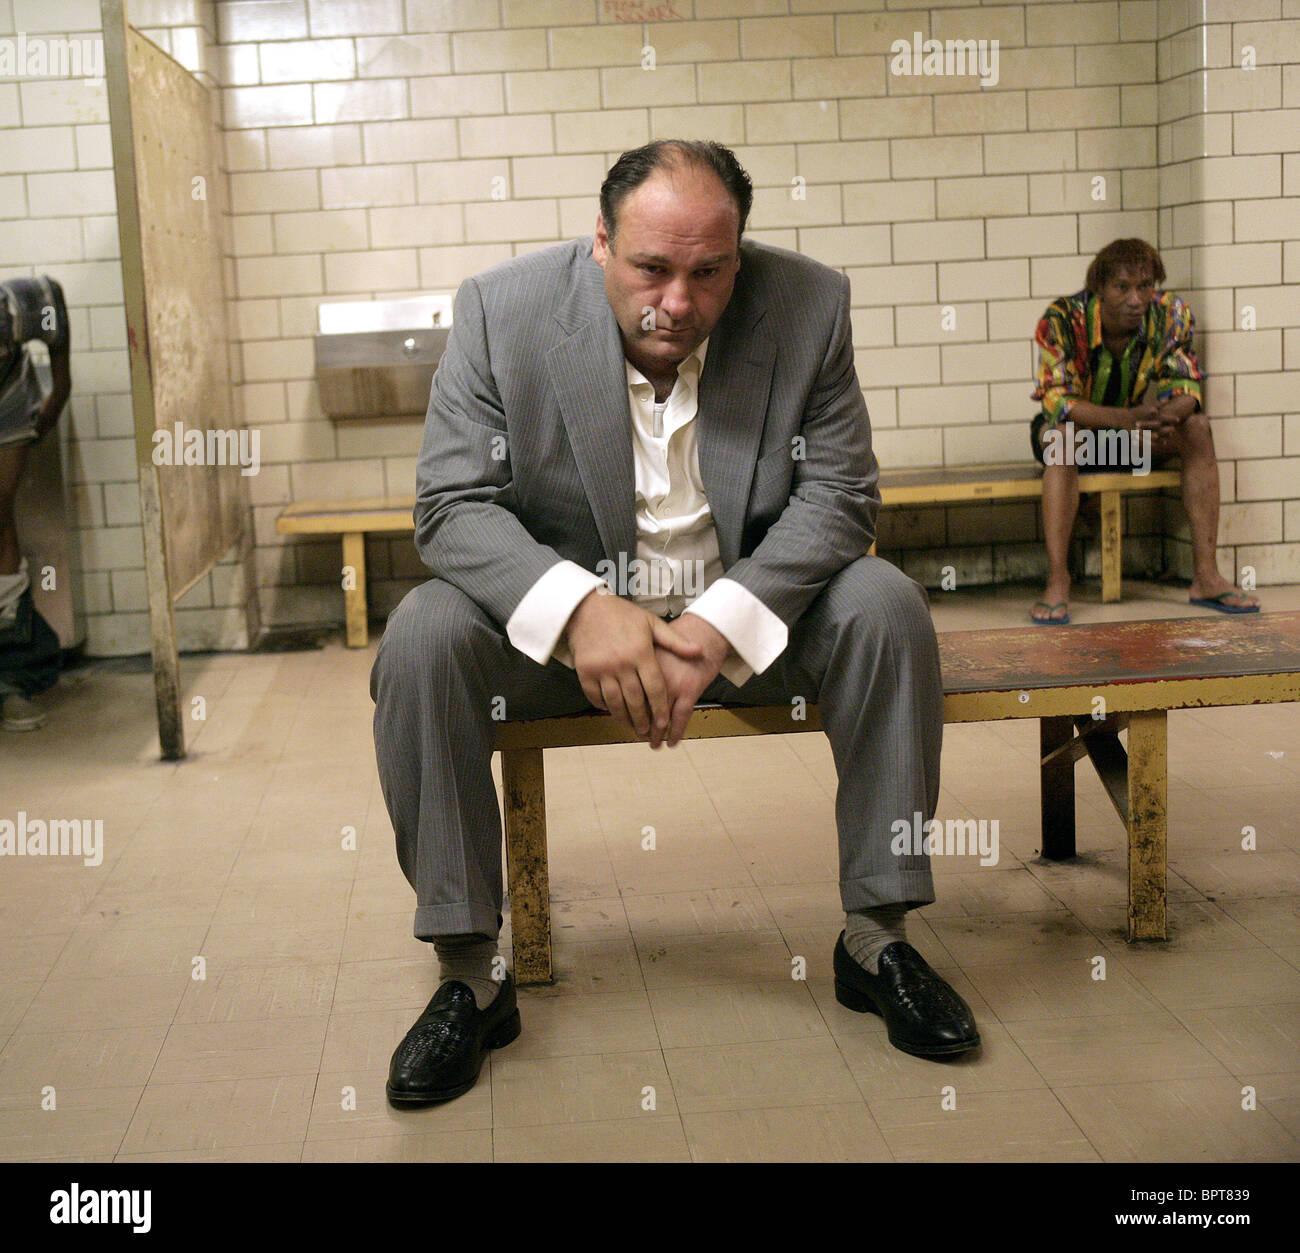 Tony Soprano Stock Photos & Tony Soprano Stock Images - Alamy